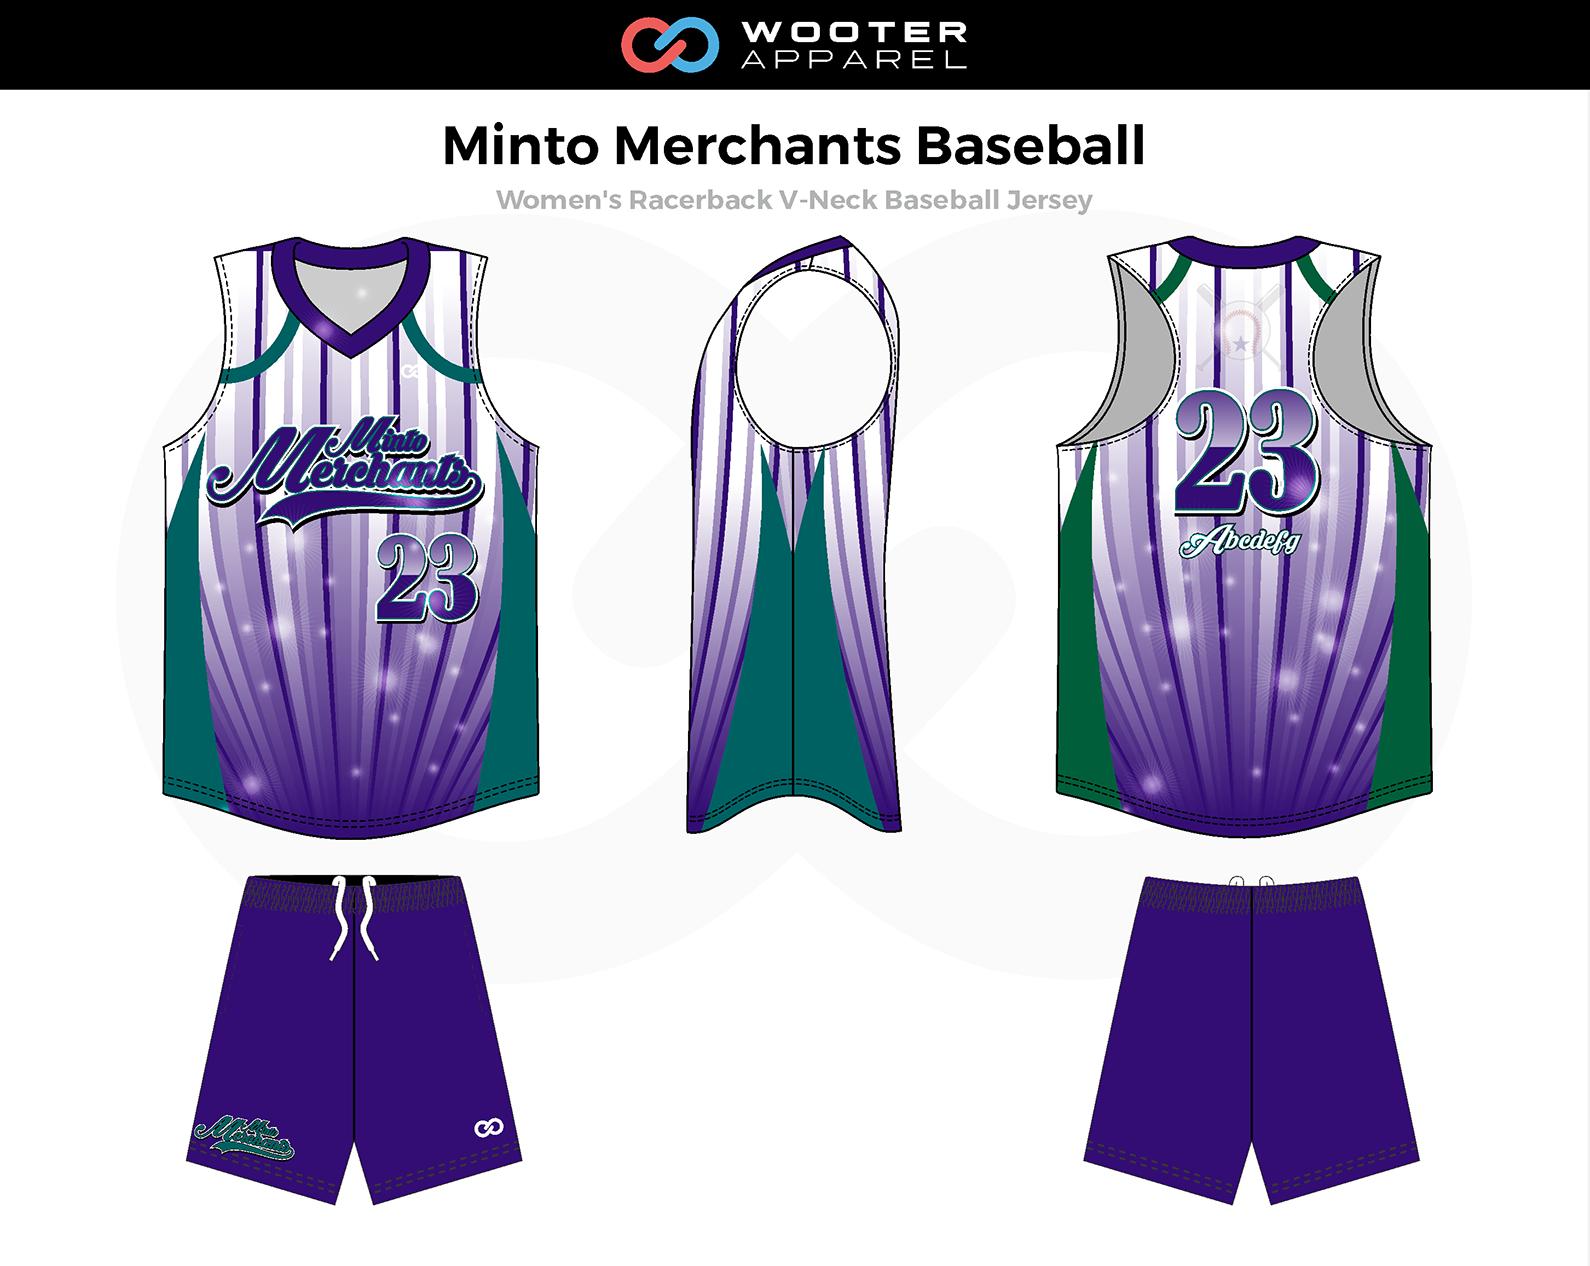 2018-08-29 Minto Merchants Baseball 6.png